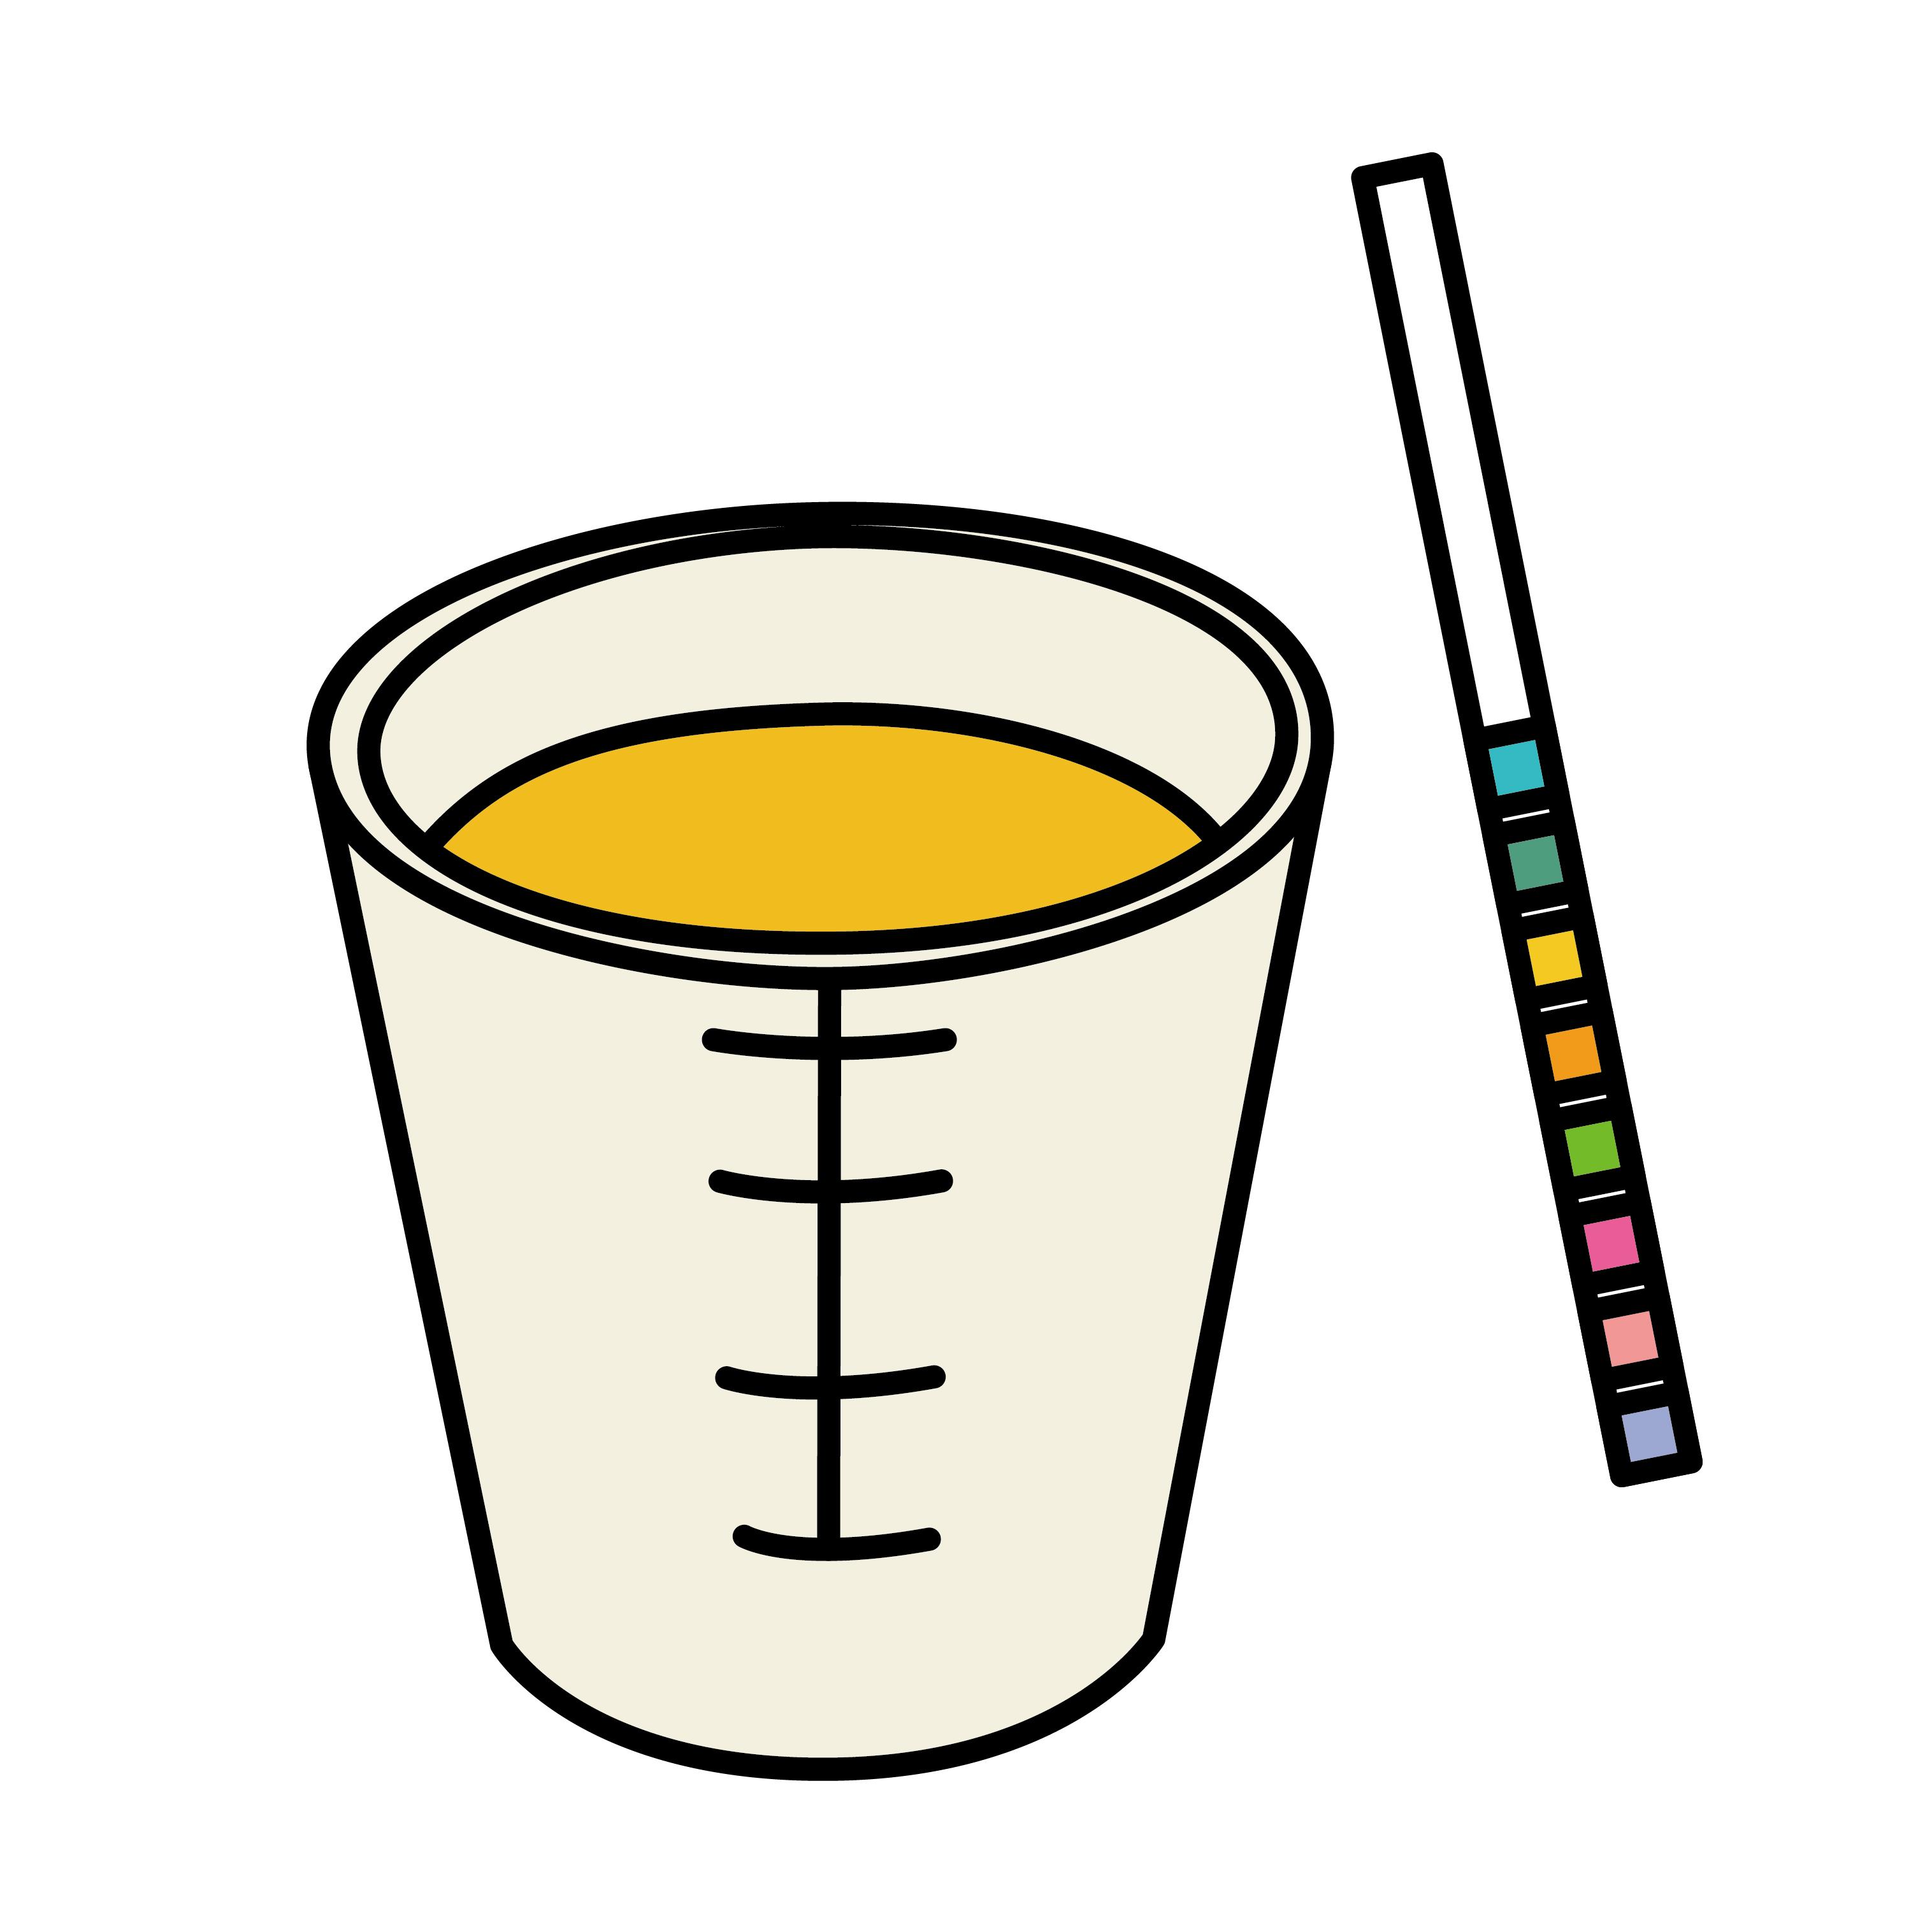 高校の尿検査で蛋白が3+。腎不全の可能性が濃くなる